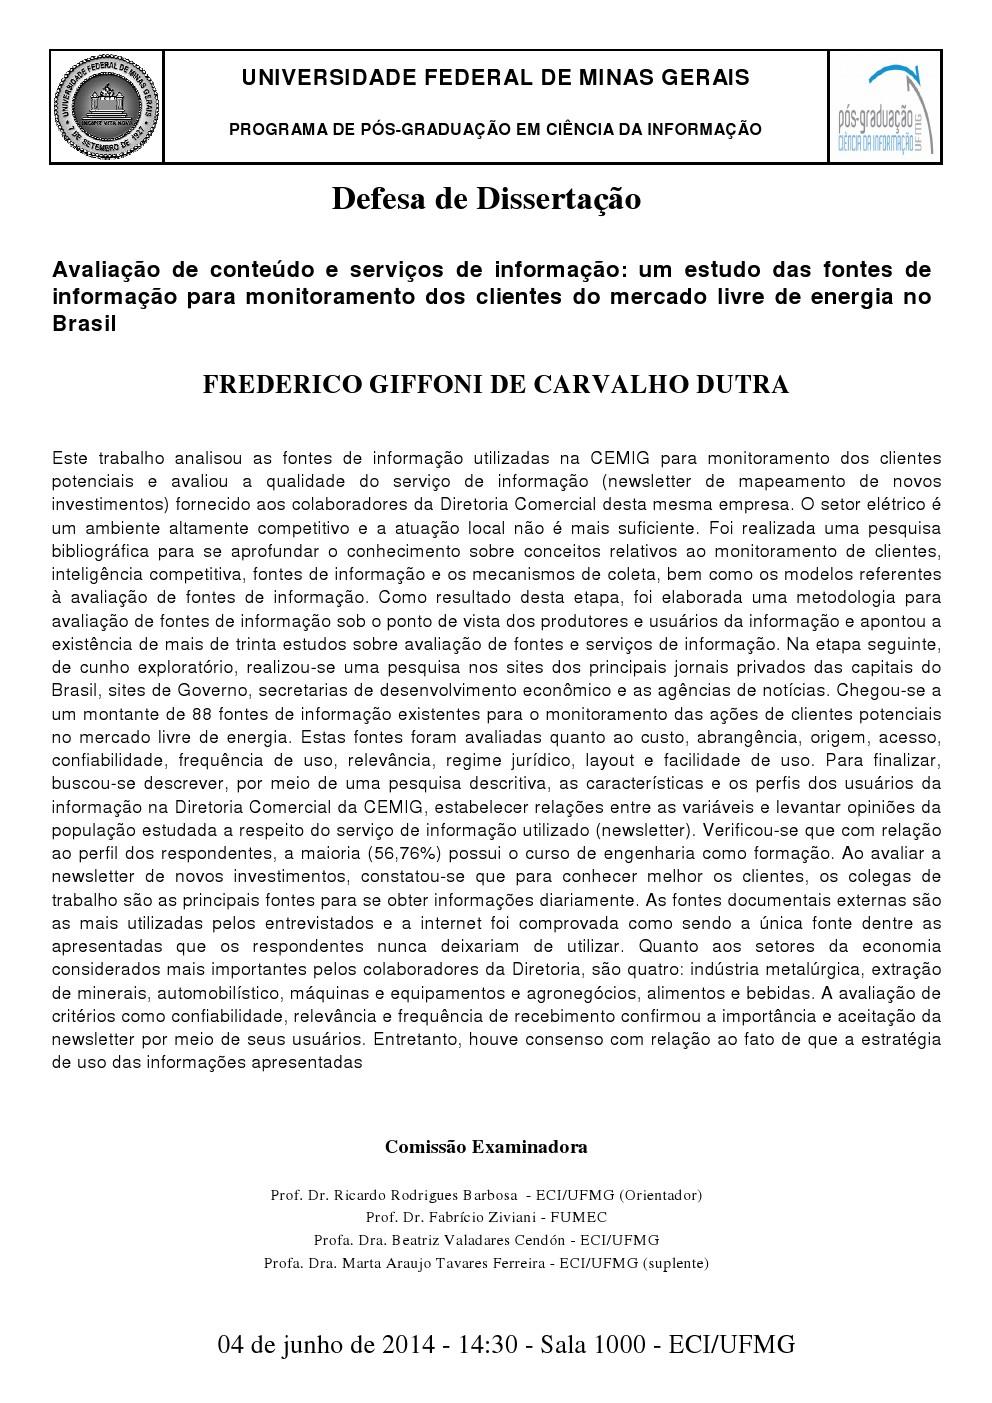 Frederico Giffoni de Carvalho Dutra